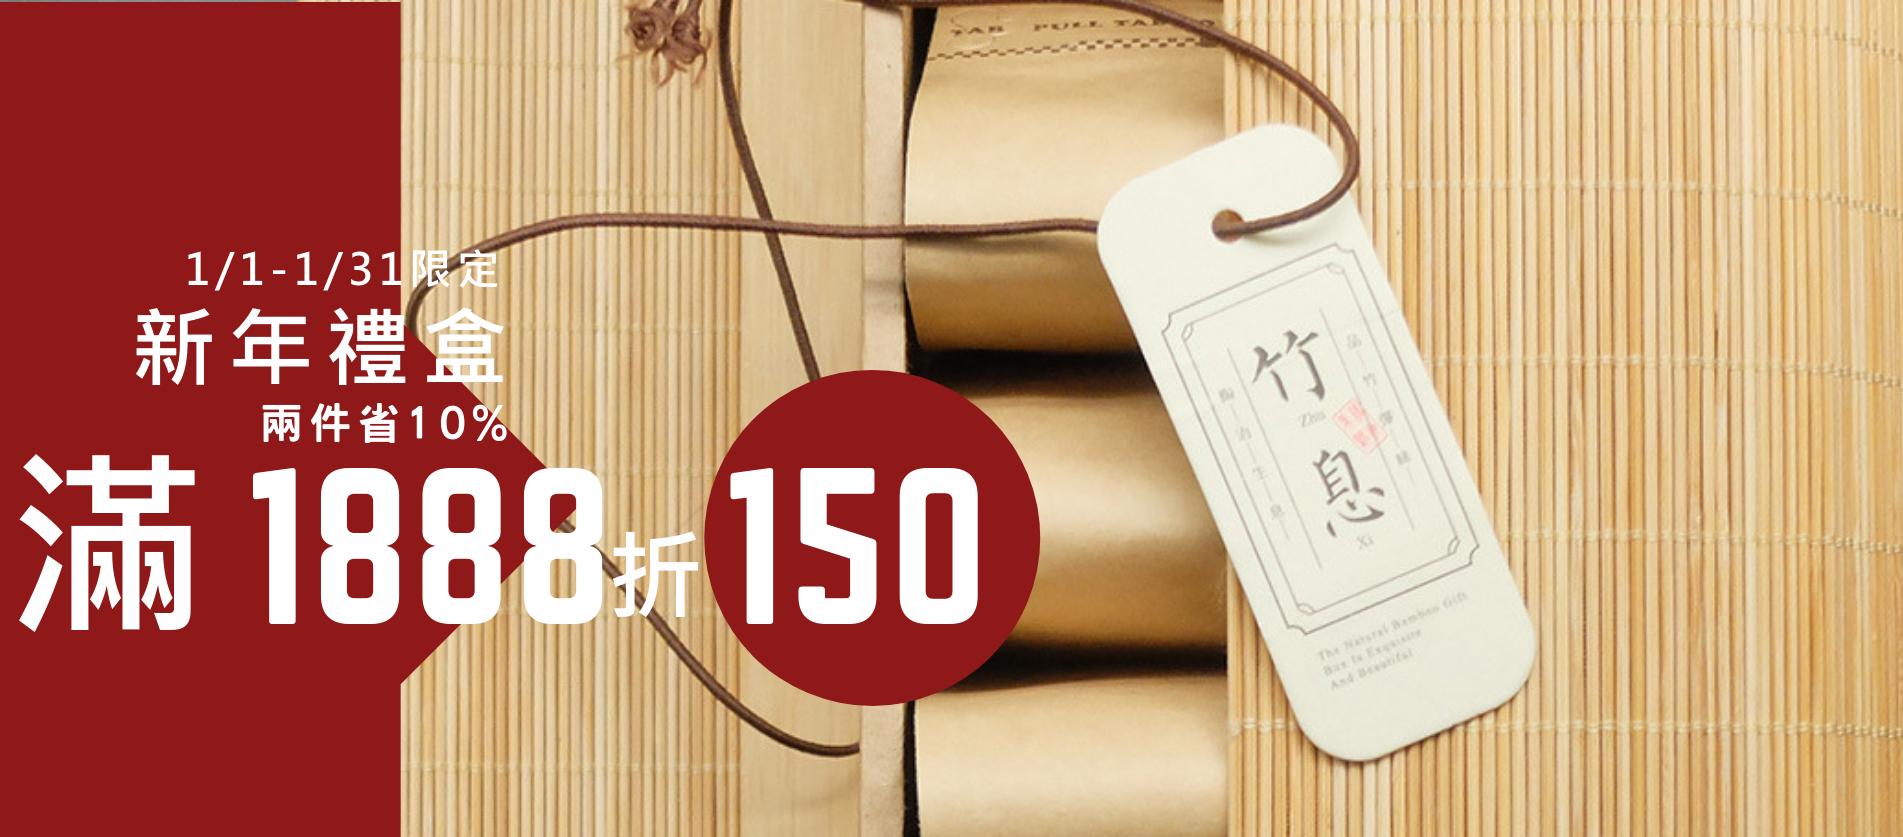 過年禮盒,咖啡禮盒,新年禮盒